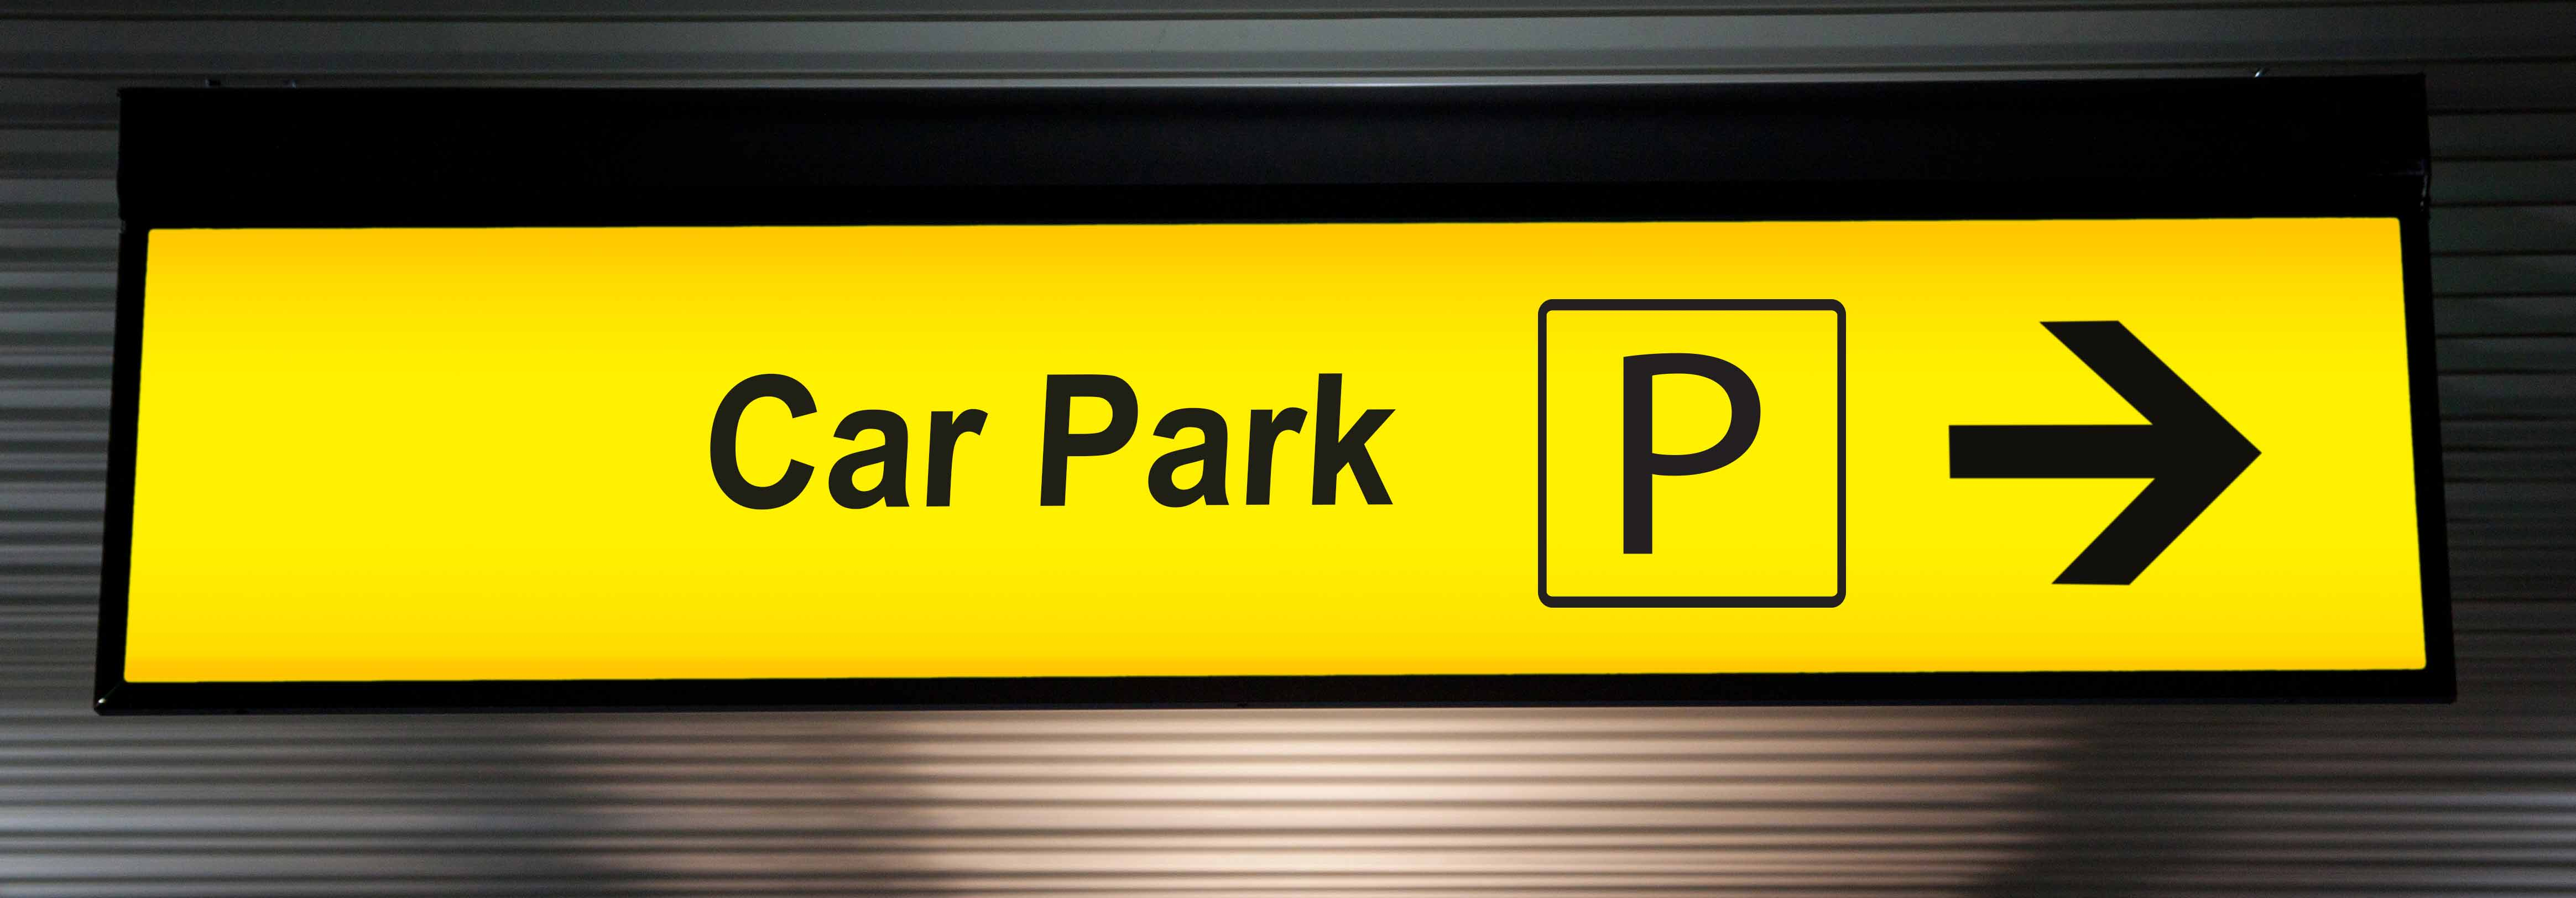 Parktickets Flughafen Günstig